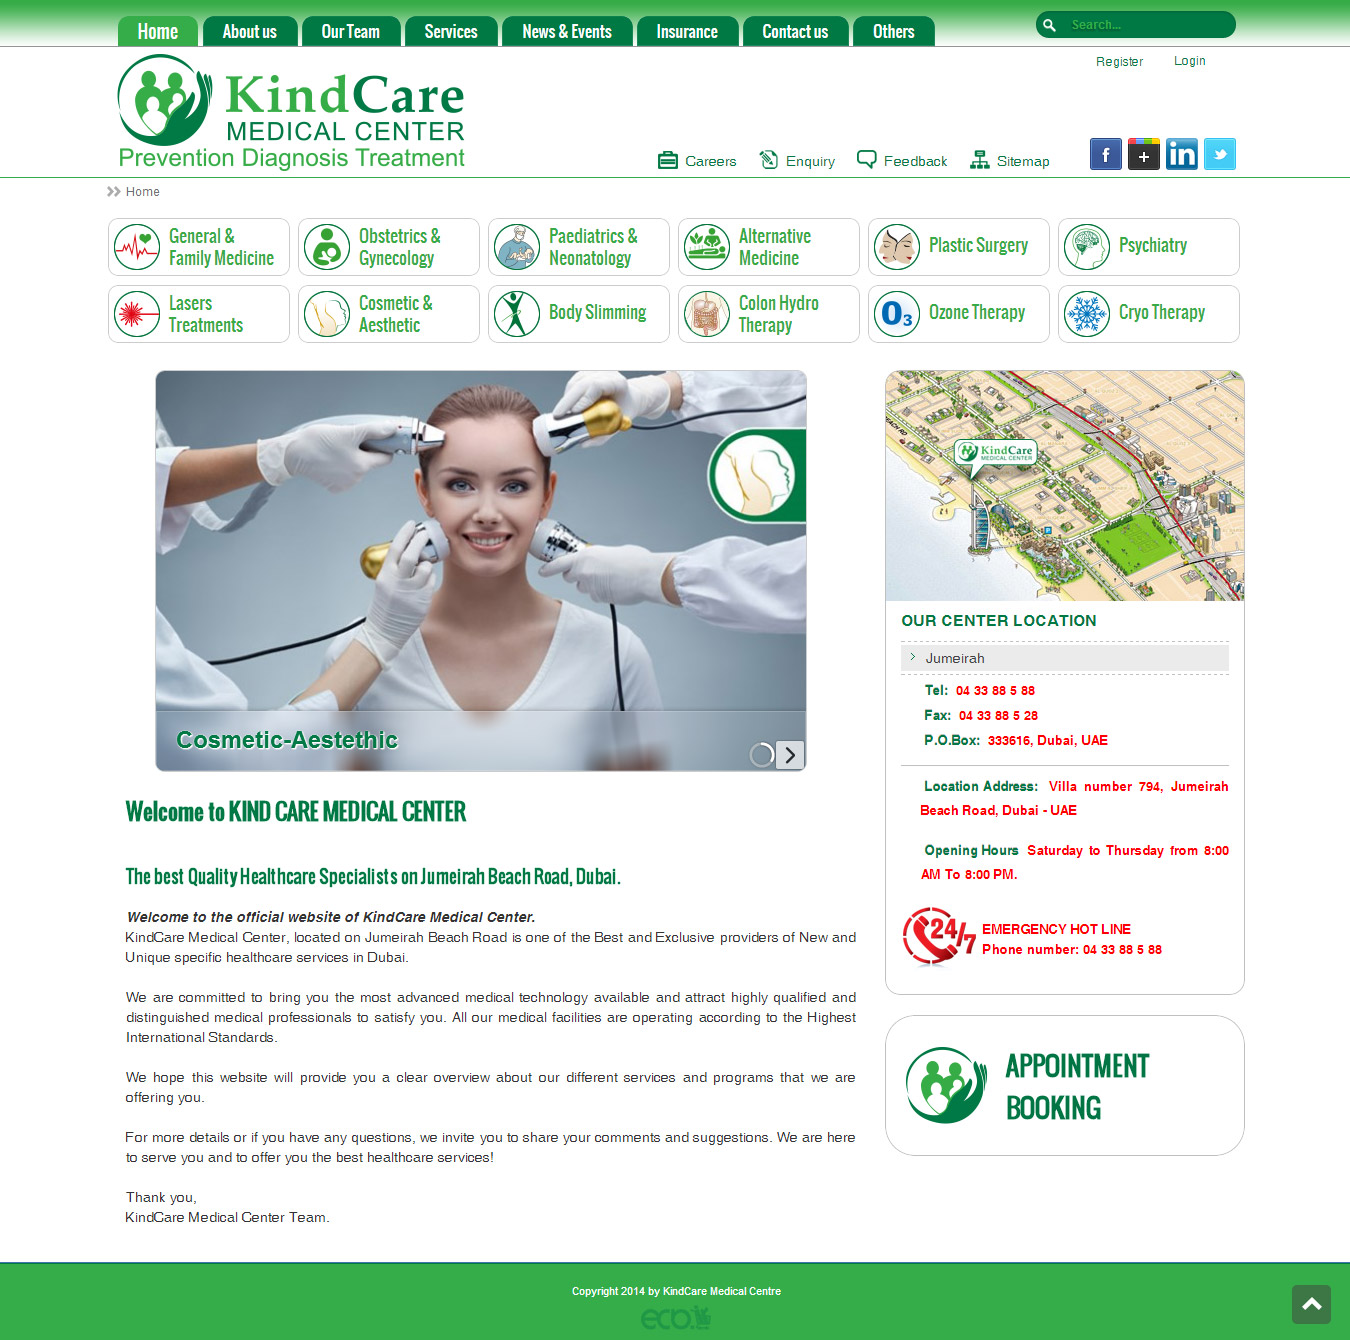 KindCare-MedicalCenter